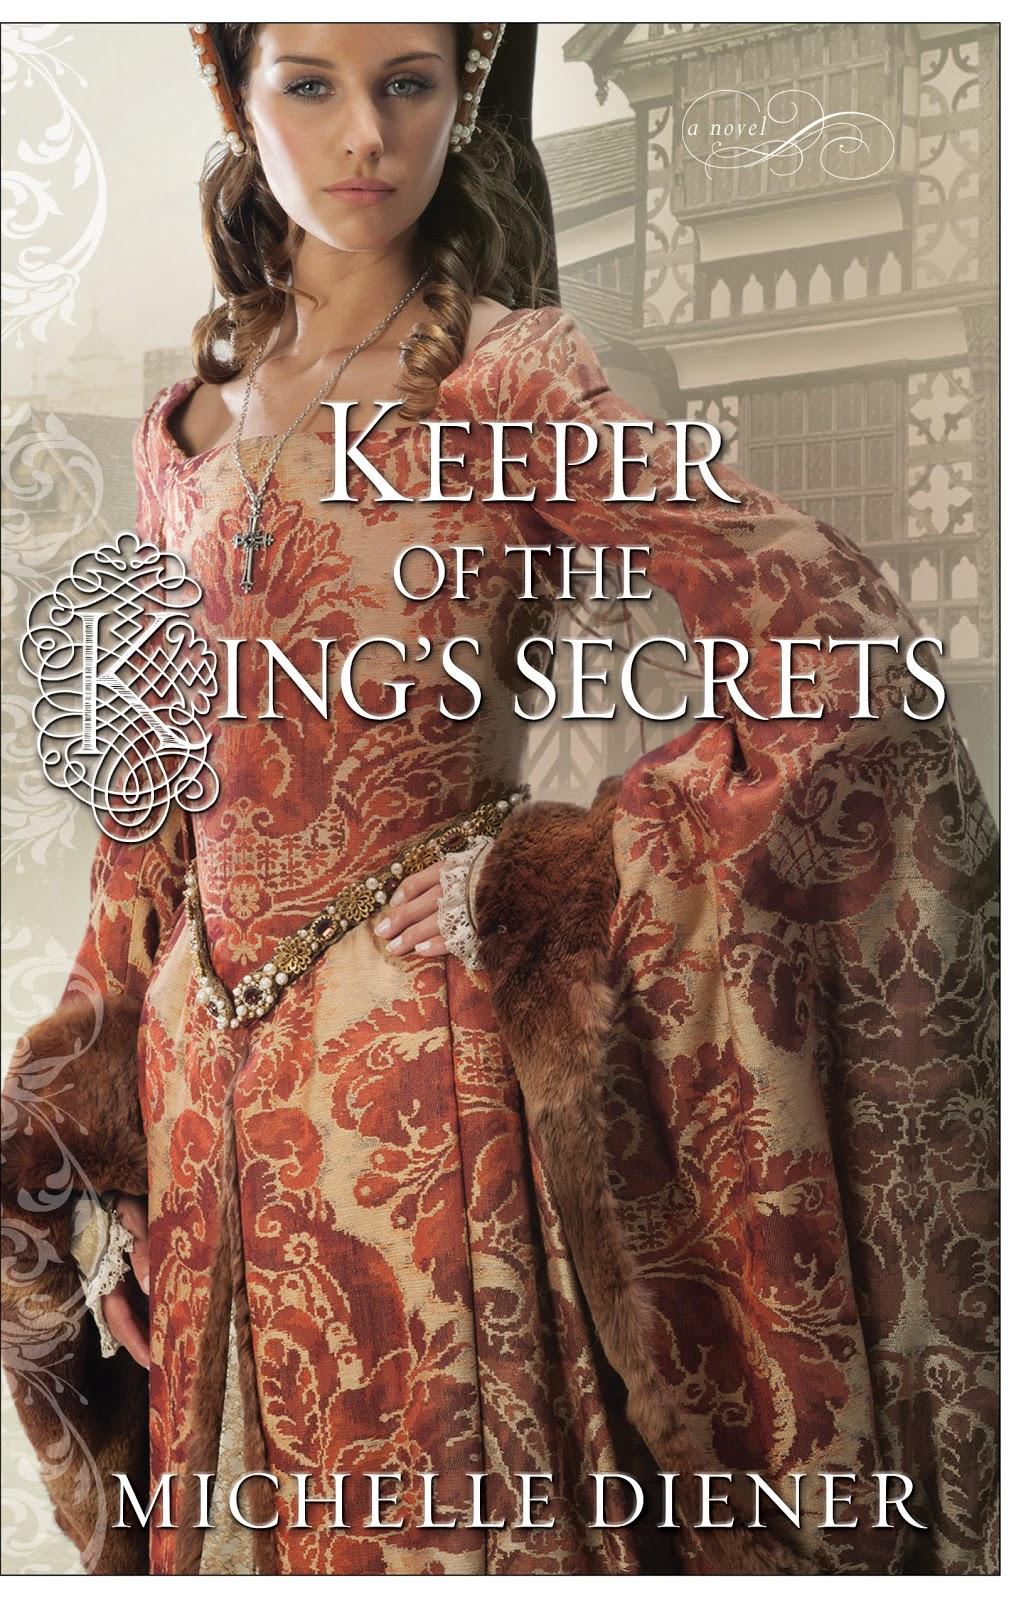 http://3.bp.blogspot.com/-nyklmwynkmg/UGskwfzmGNI/AAAAAAAAAyc/5BJOYXp4q8I/s1600/Keeper+of+the+King\'s+Secrets.jpg